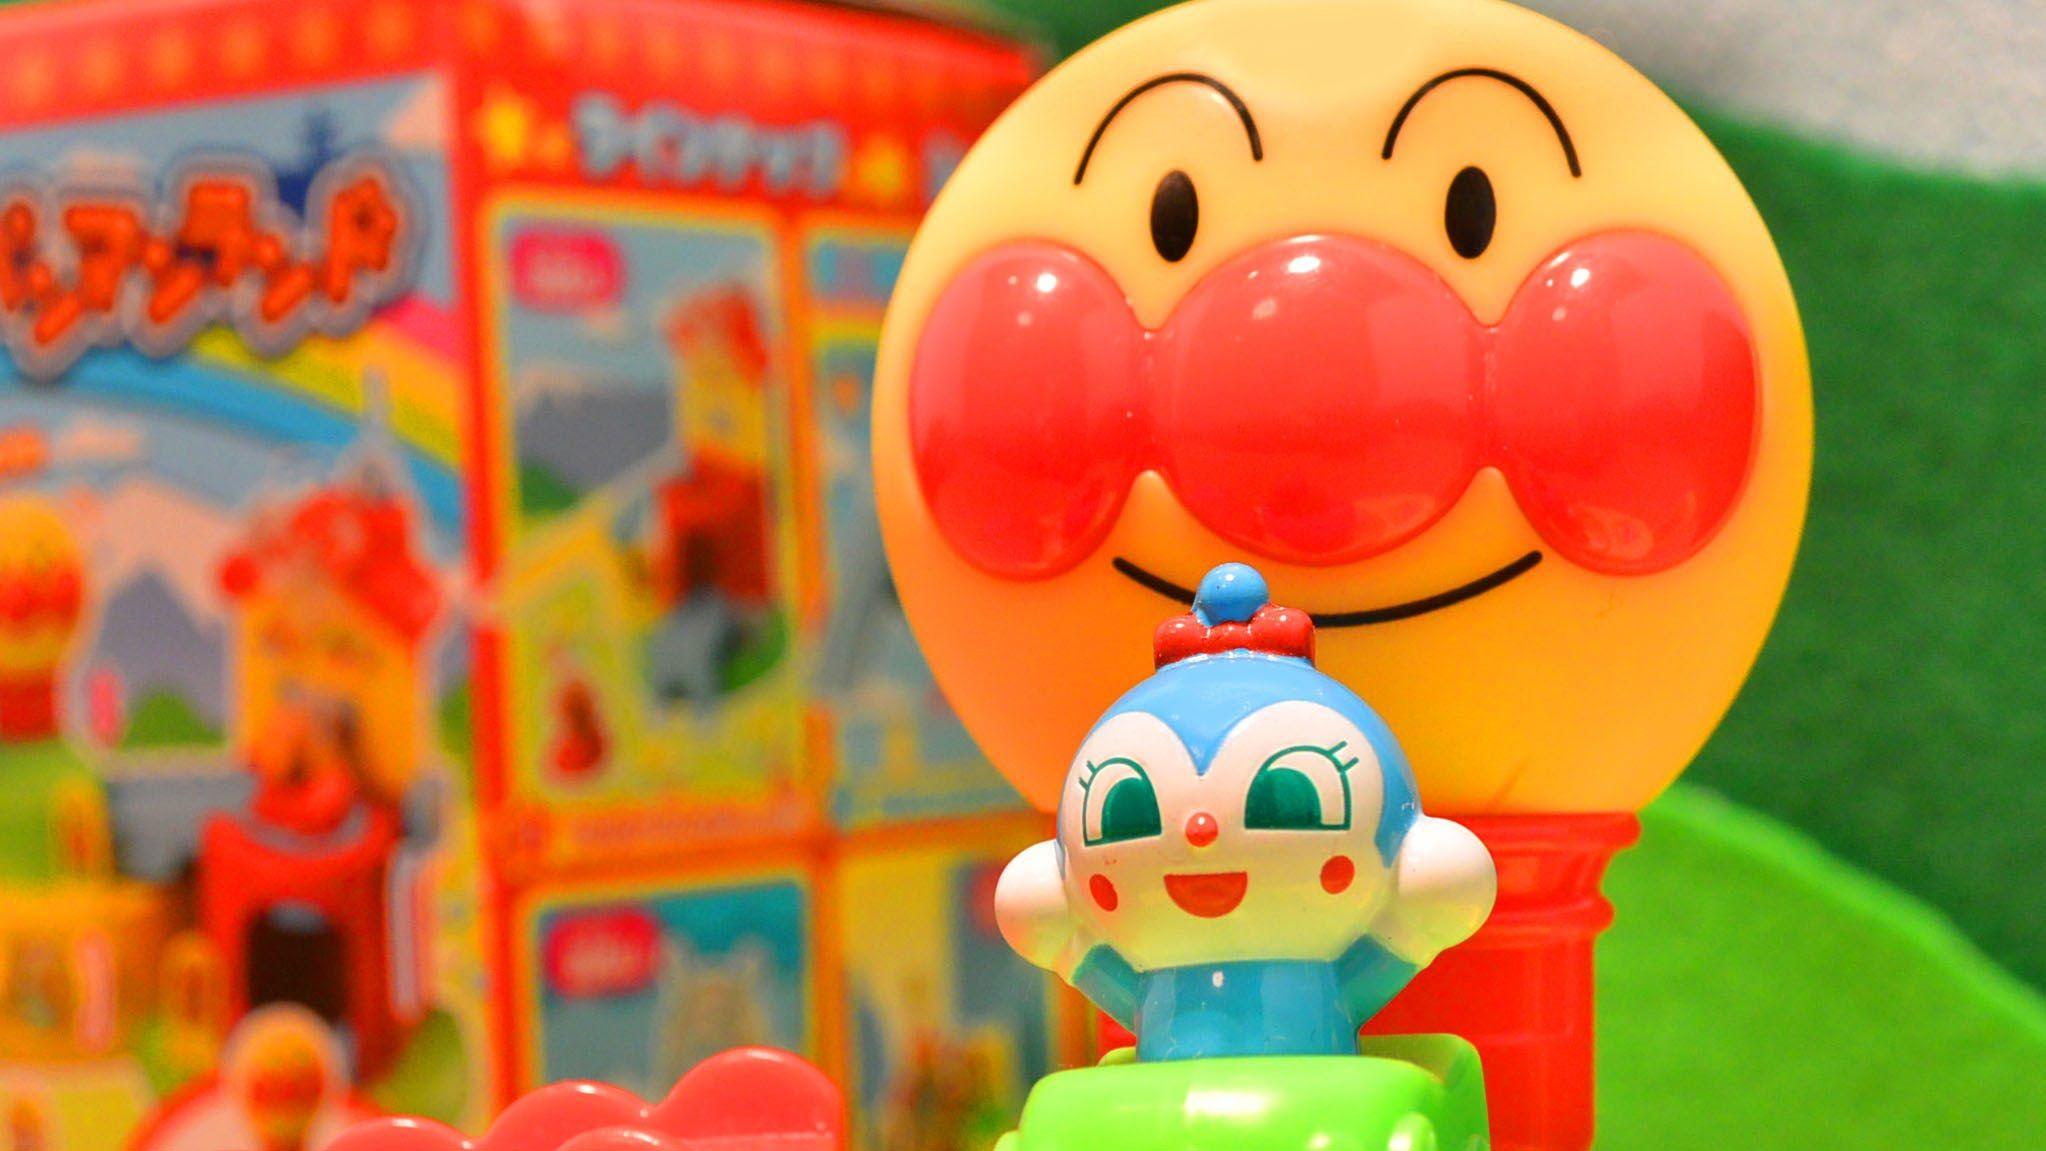 アンパンマン おもちゃアニメ アンパンマンランドで遊ぼう エピソード